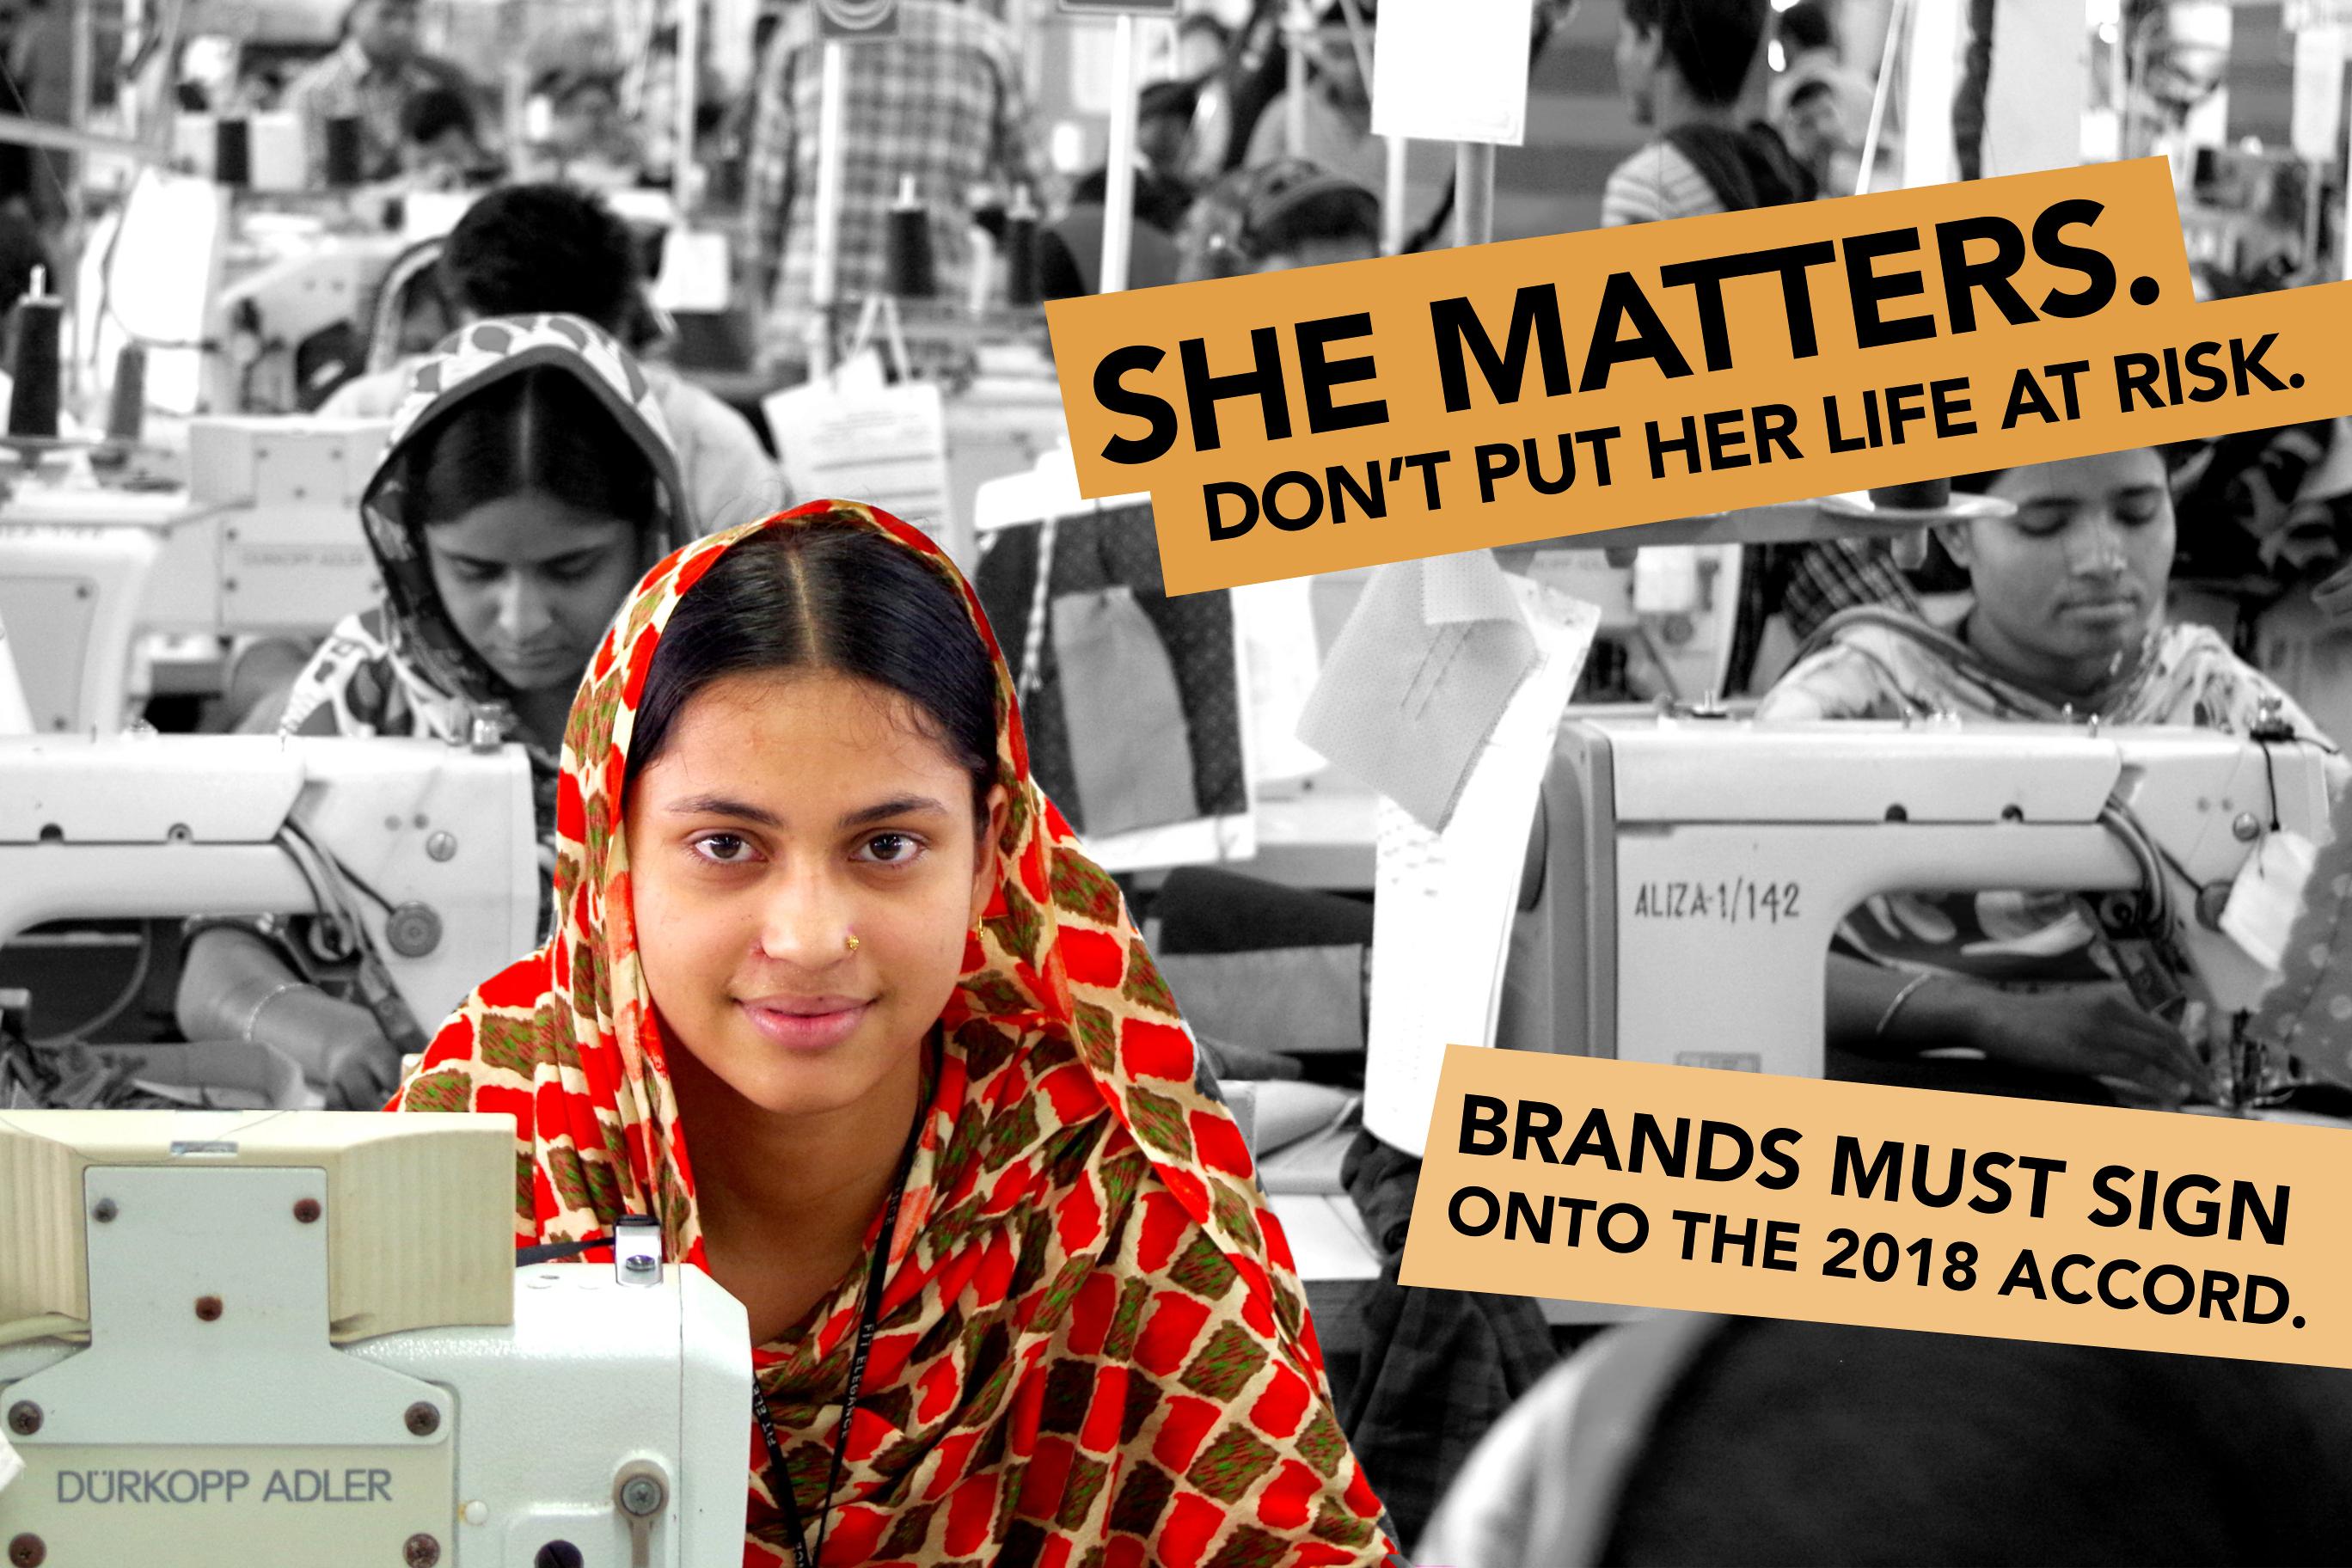 Iniciamos una semana de acciones para reclamar a las marcas que firmen el Acuerdo de Bangladesh 2018